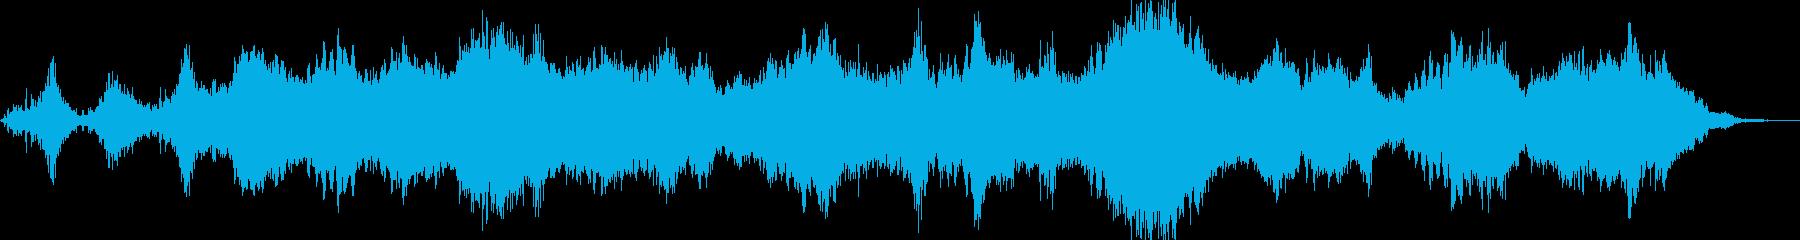 不気味で奇妙なアンビエントサウンドの再生済みの波形